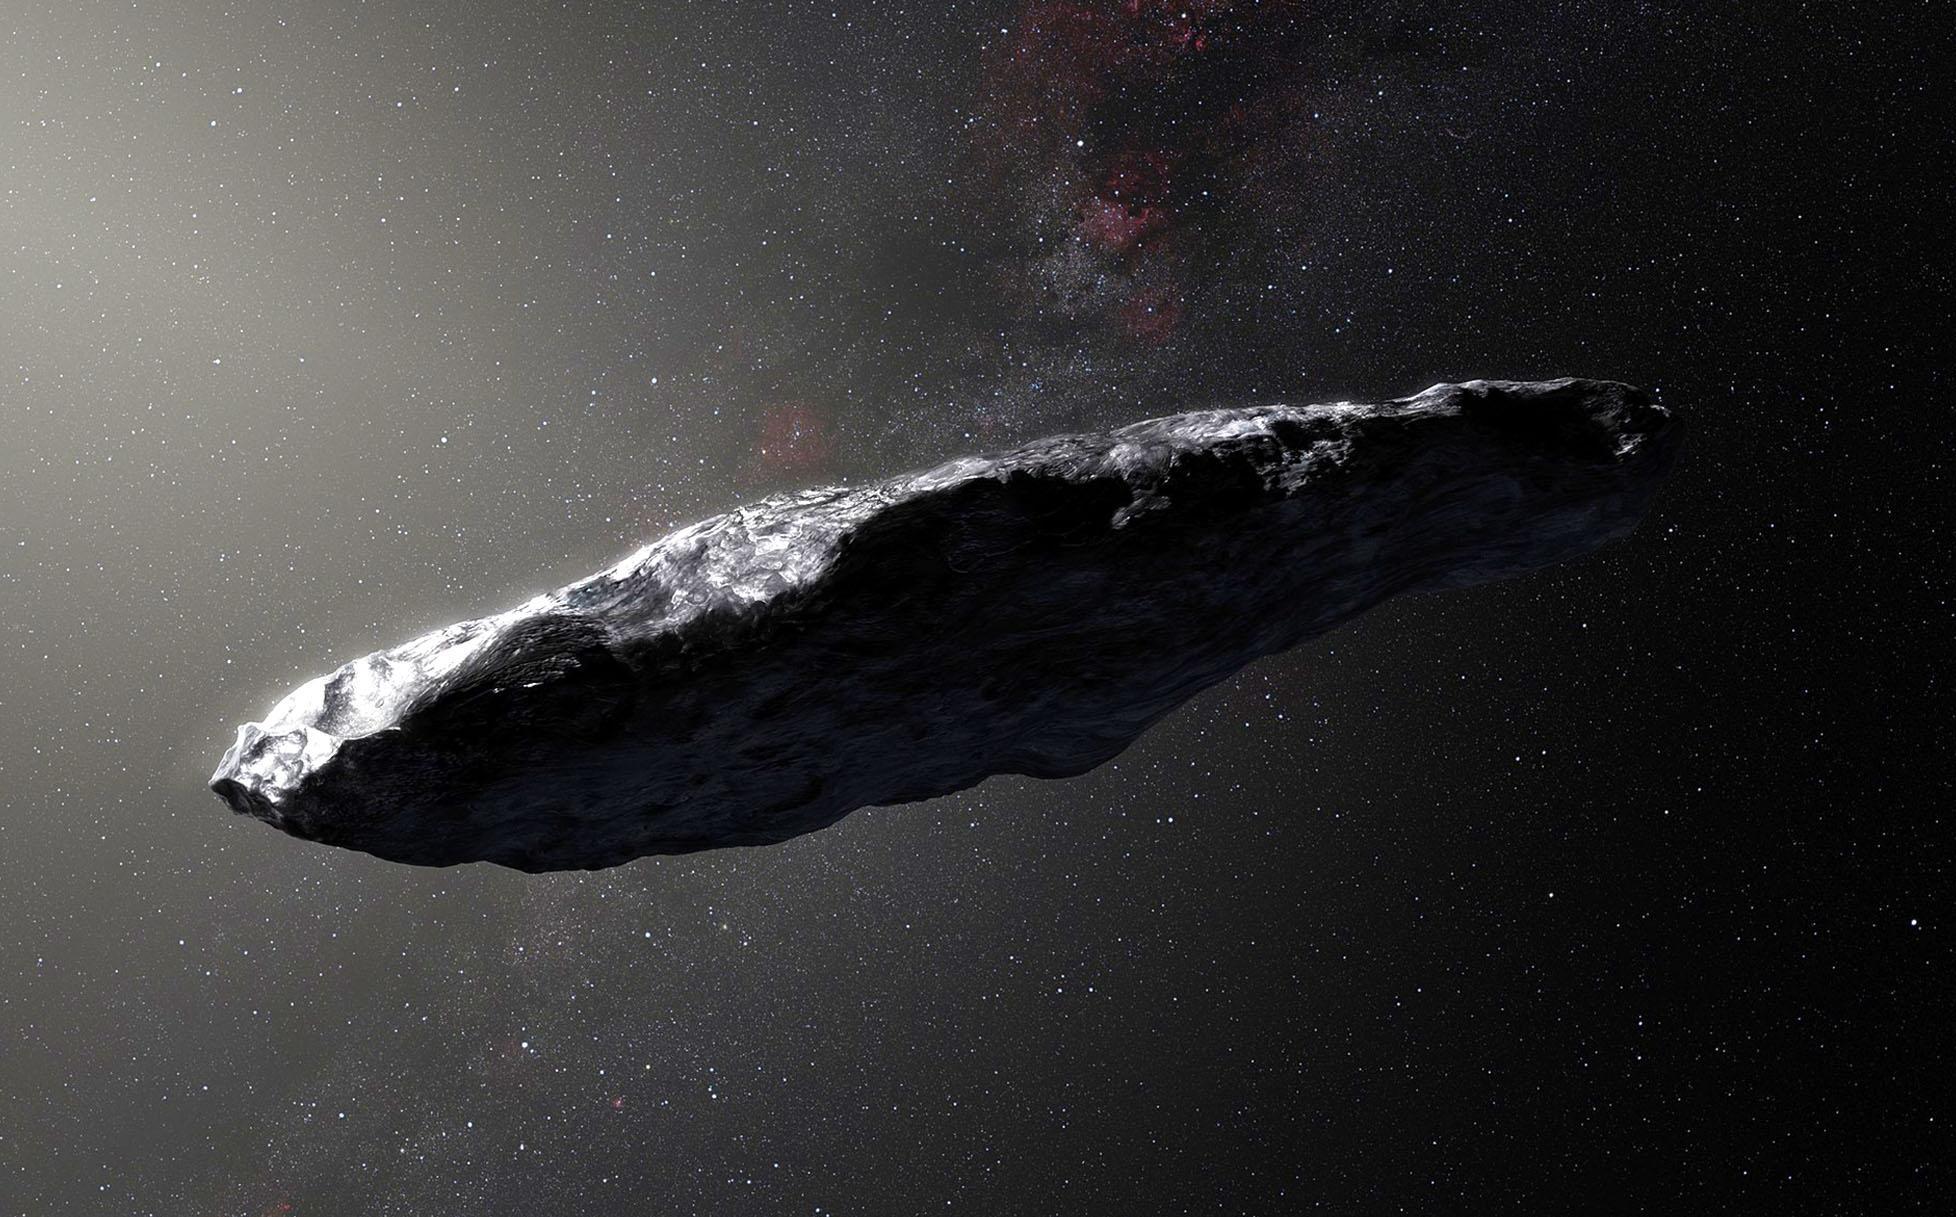 Установлено происхождение межзвездного объекта: Оумуамуа